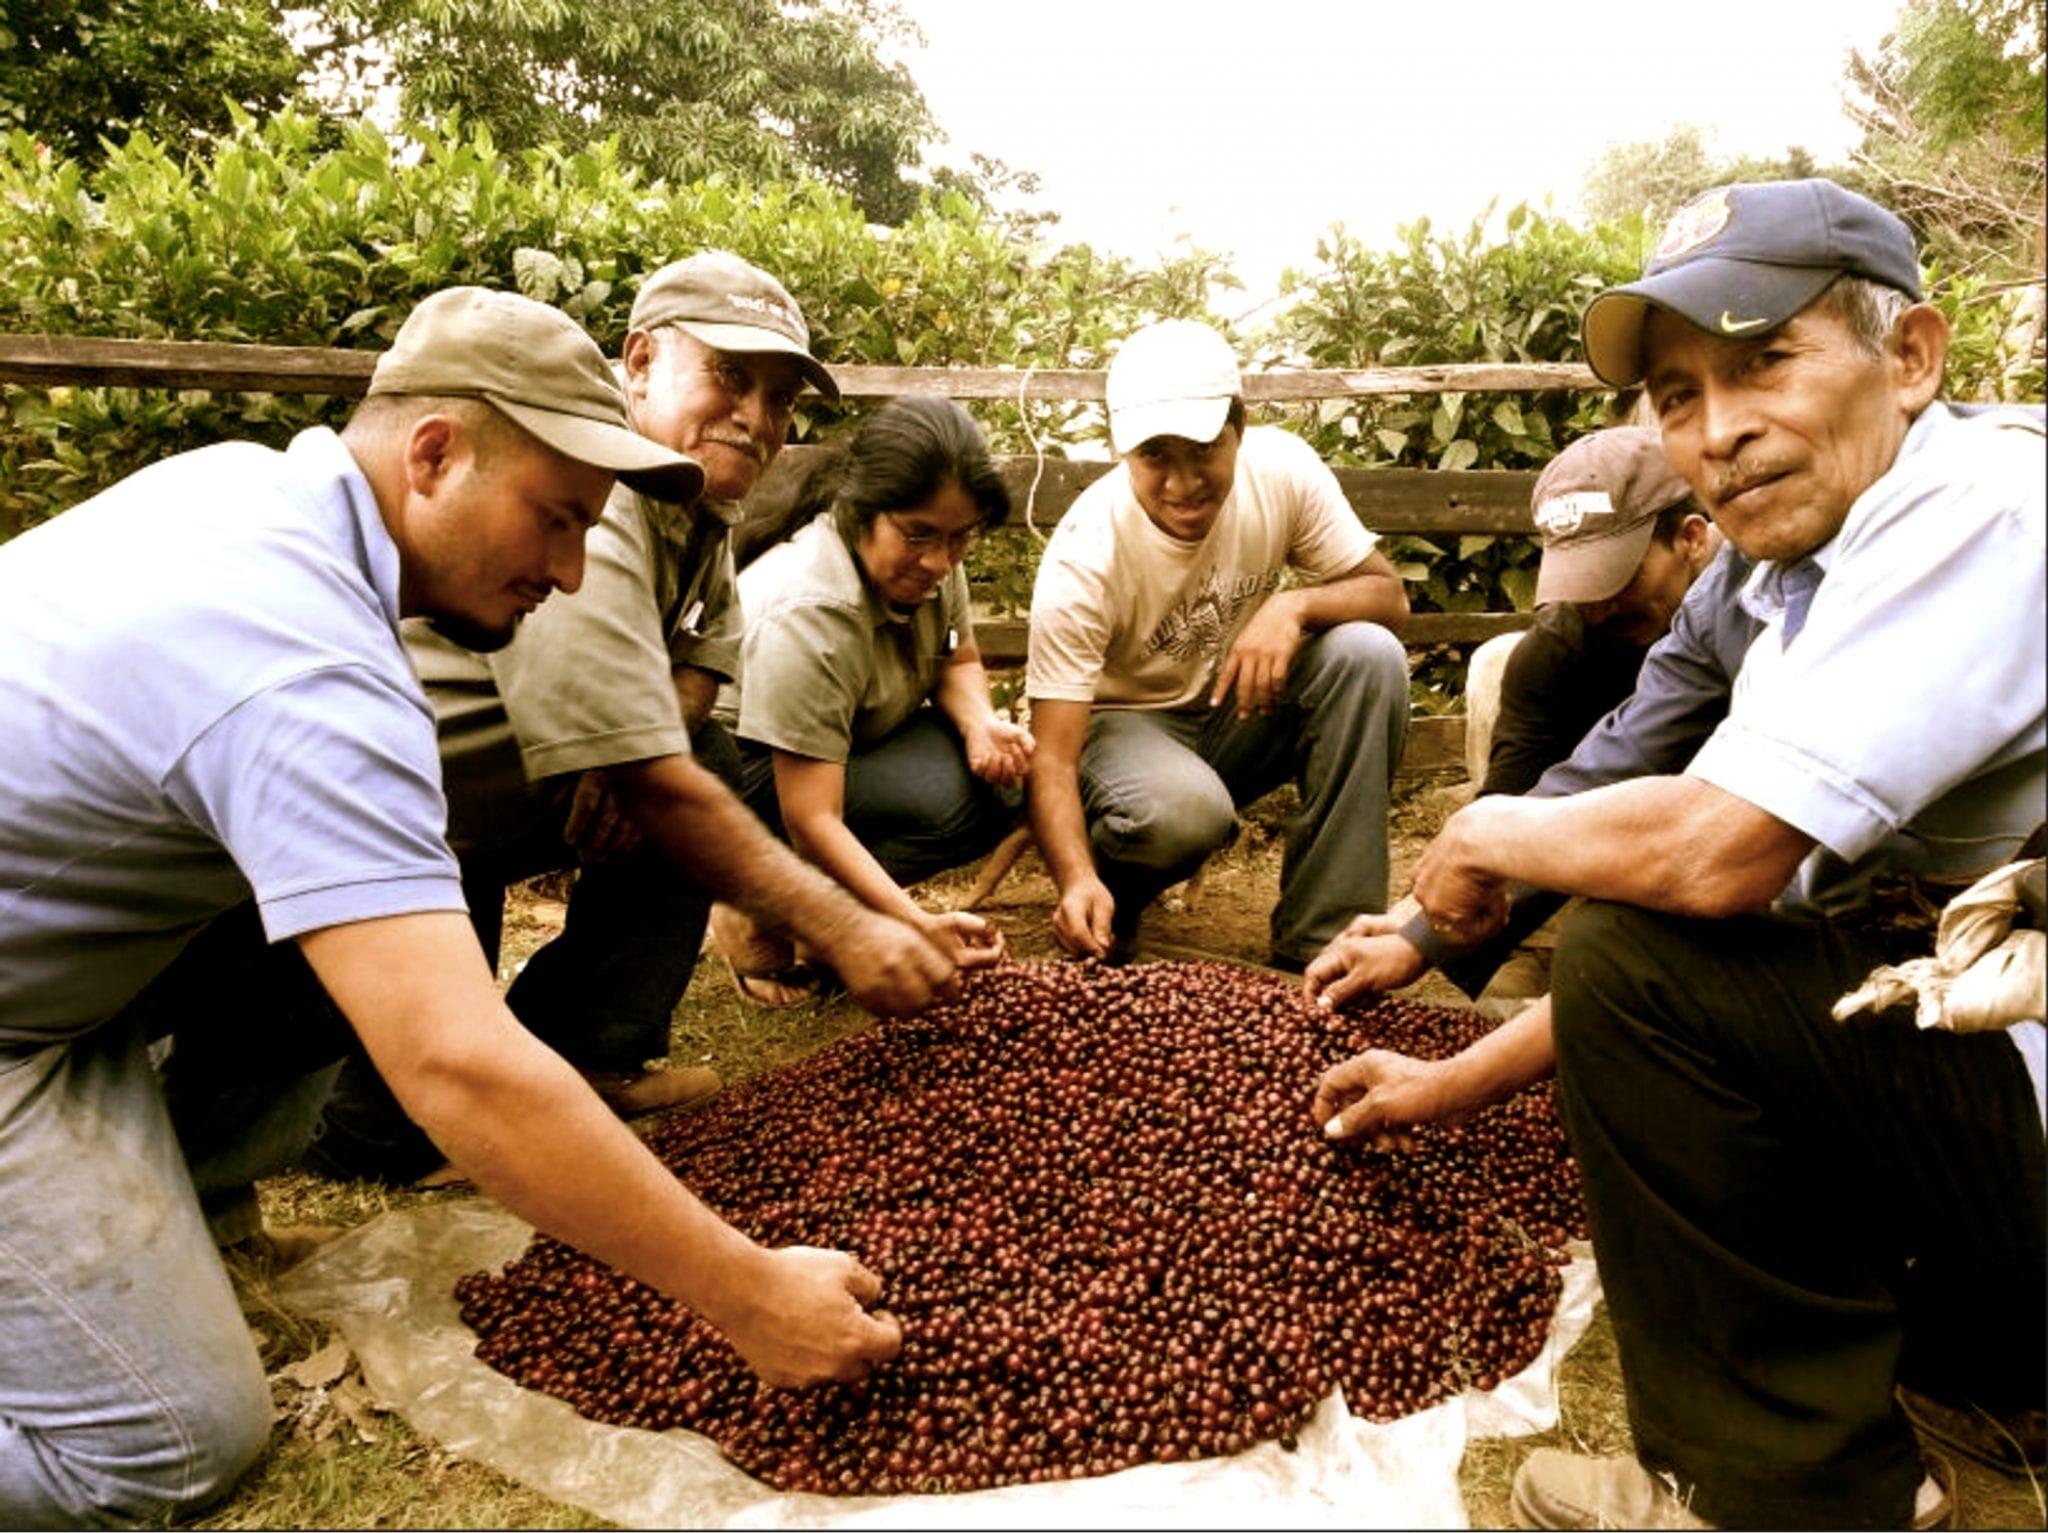 seleccionando granos de cafe